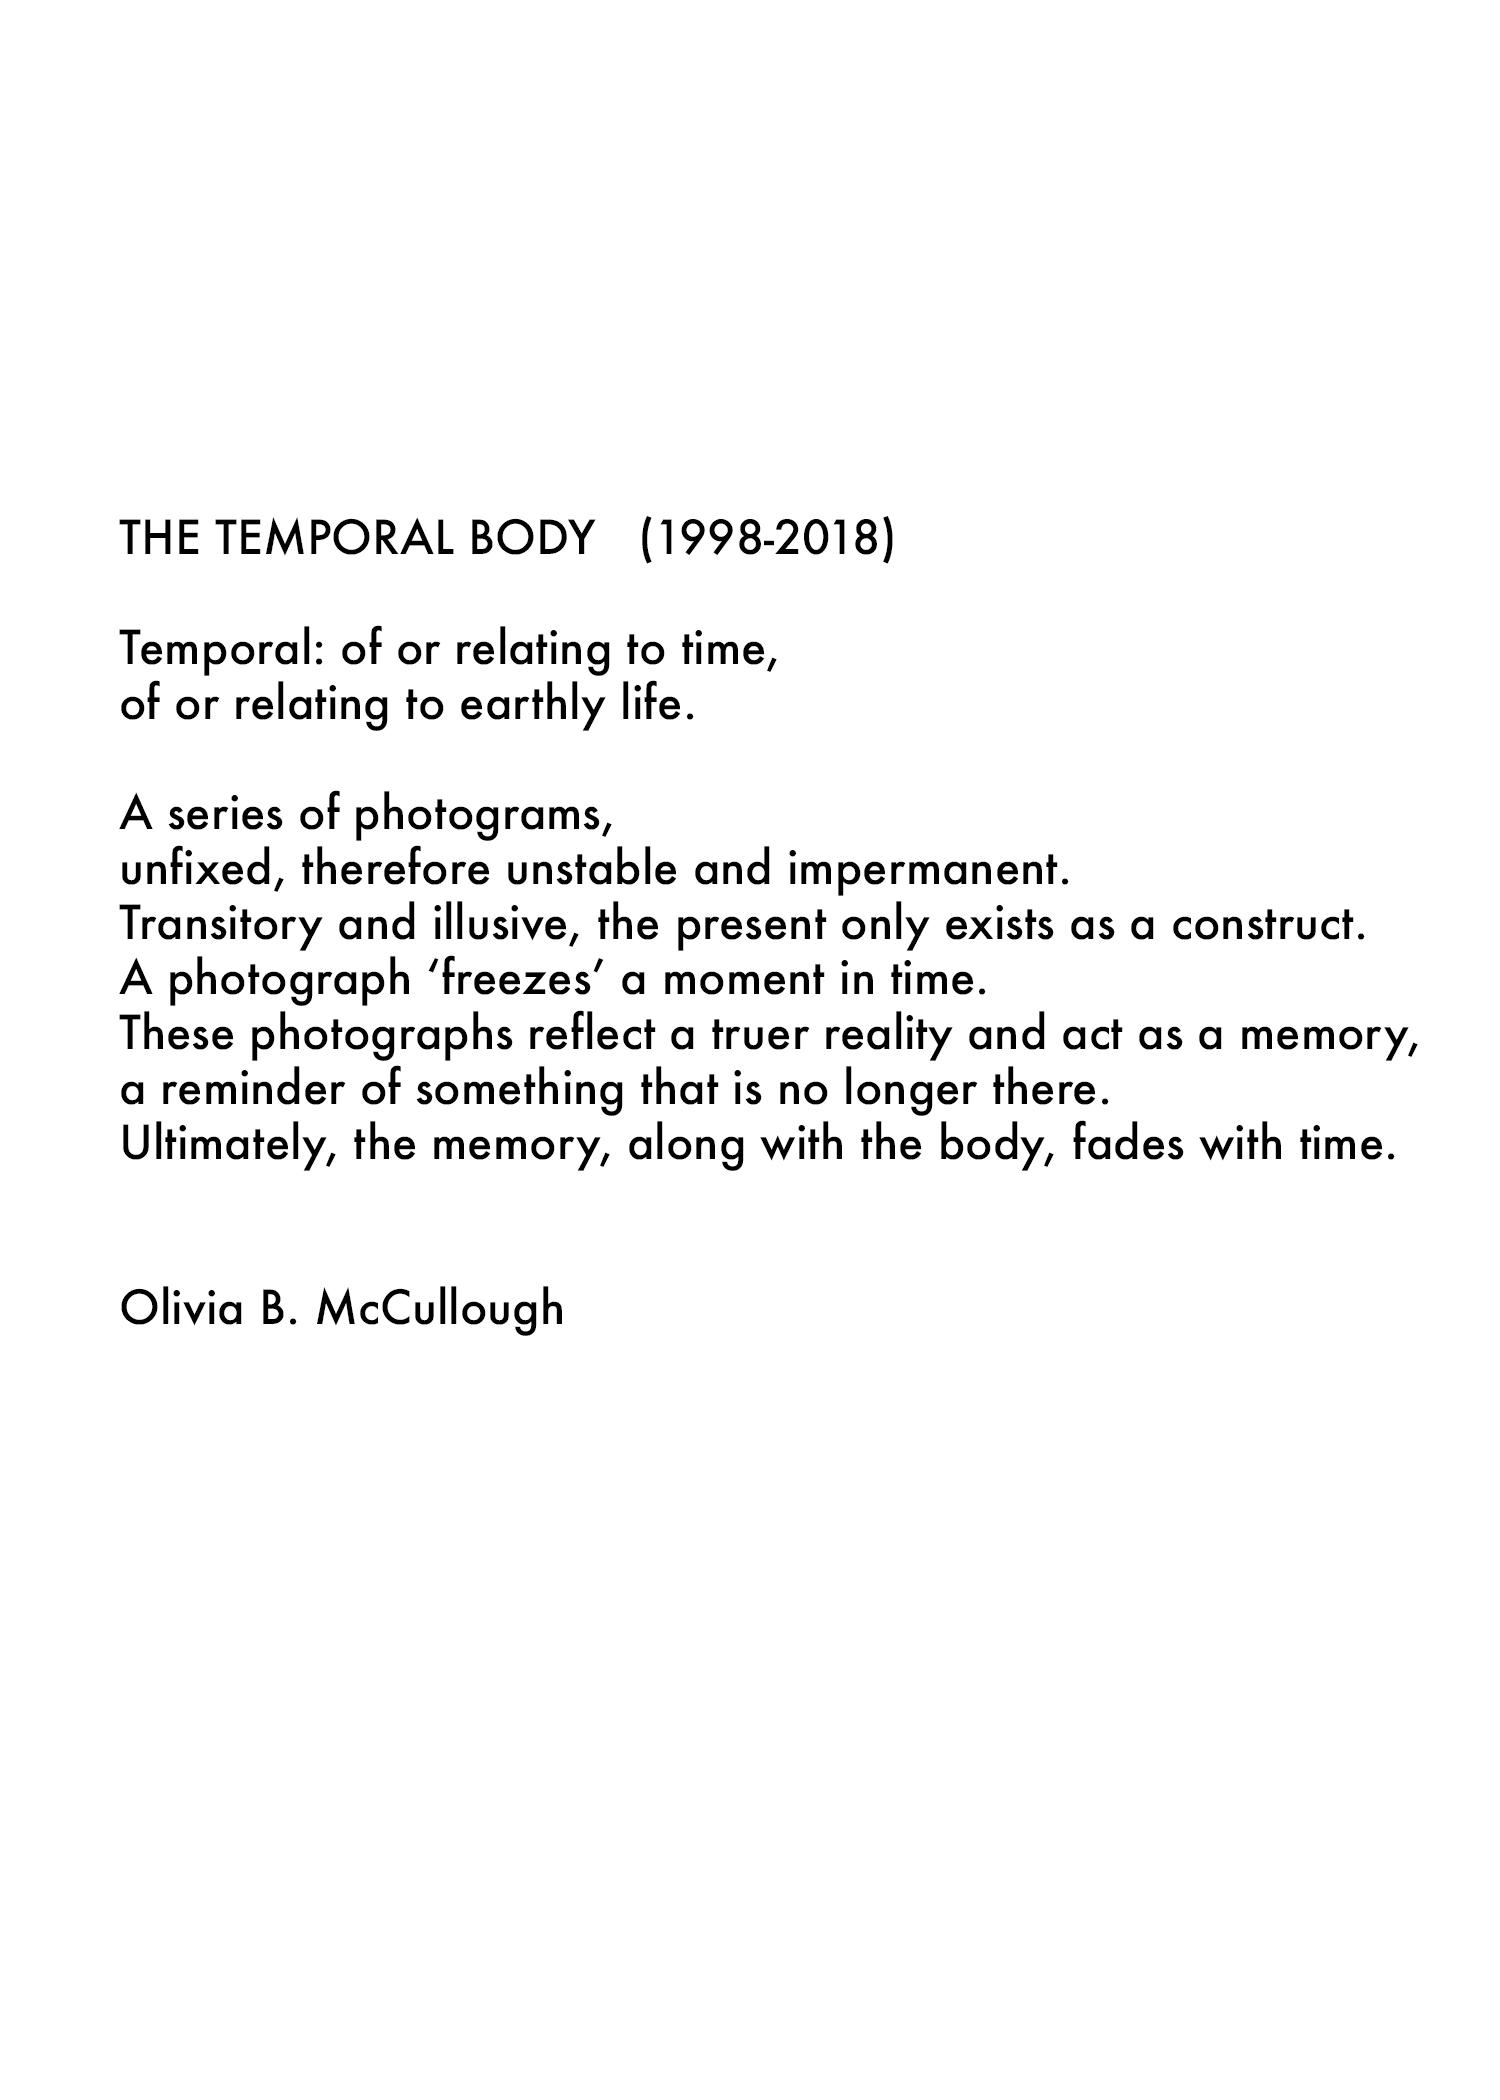 Temporal-Body-Statement.jpg